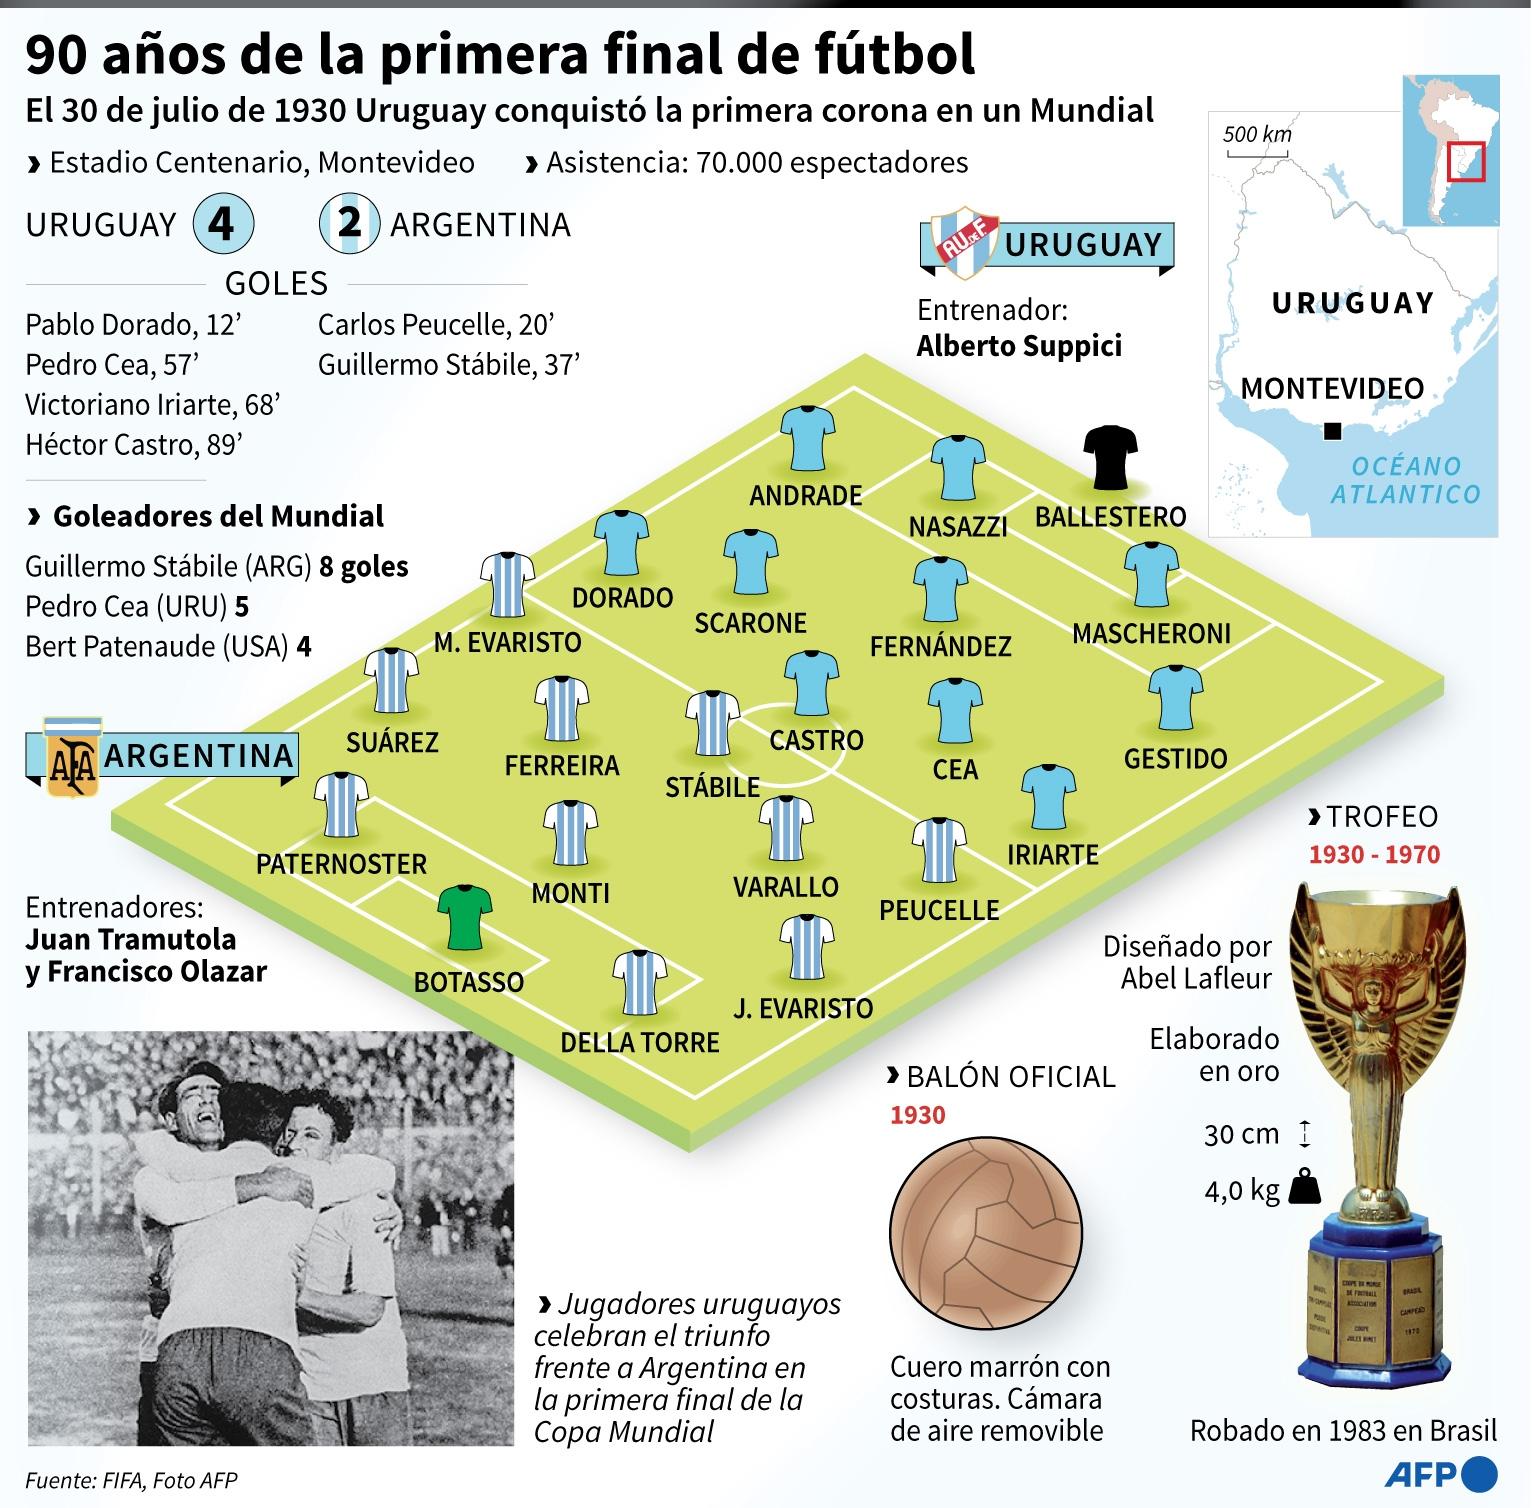 Gardel, Mussolini y un clásico histórico: Uruguay celebra 90 años ...